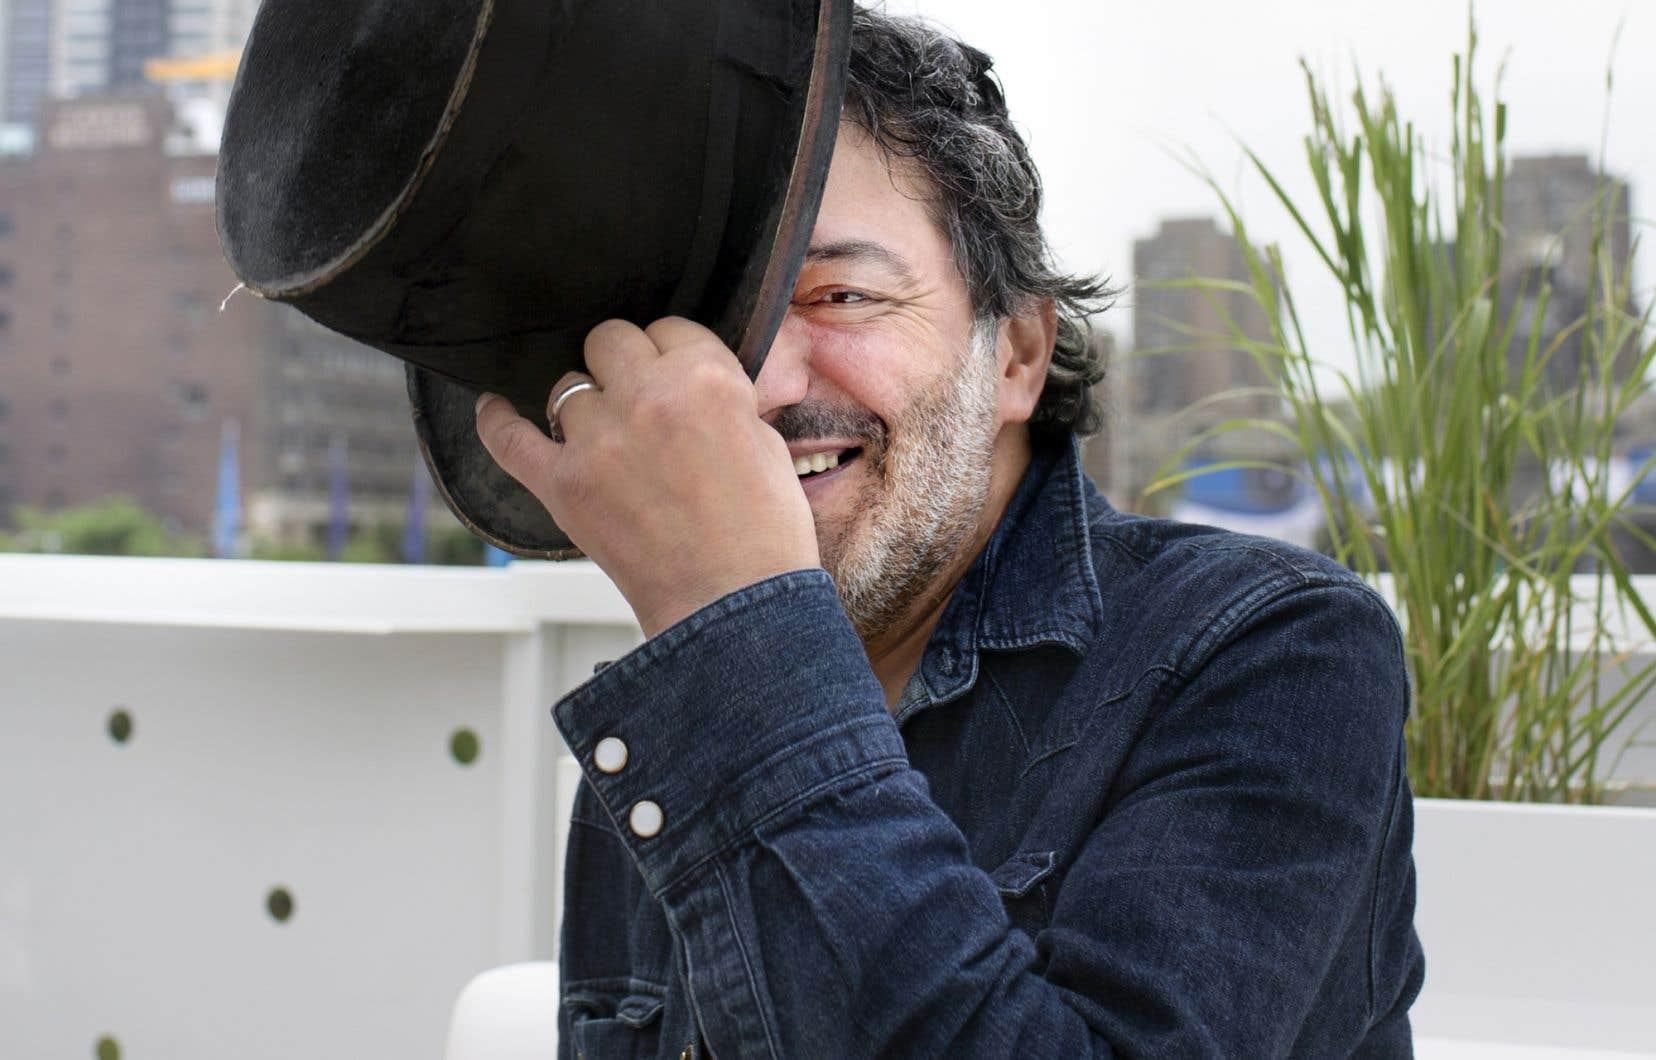 Le garnement est en verve et cause de rock arabe. Rachid Taha est à préparer un festival de rock du monde arabe. «Je veux le faire en France», précise-t-il.